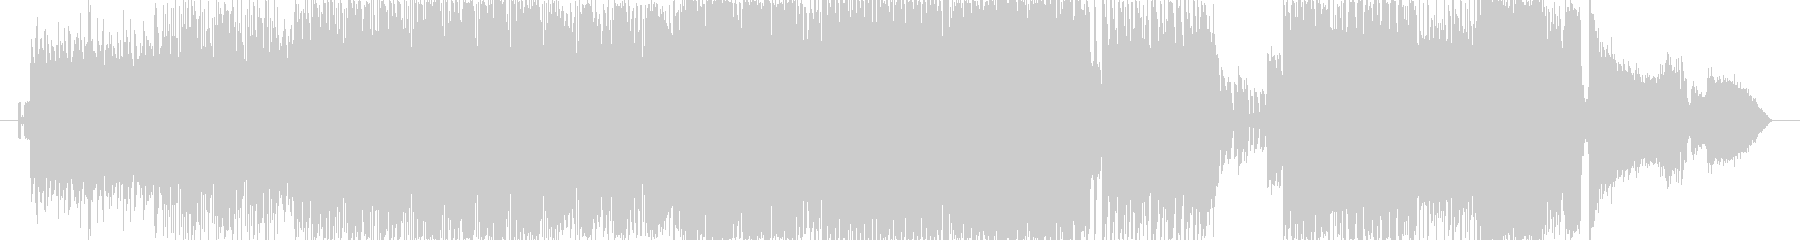 強いビートうねるギターアグレッシヴピアノの未再生の波形